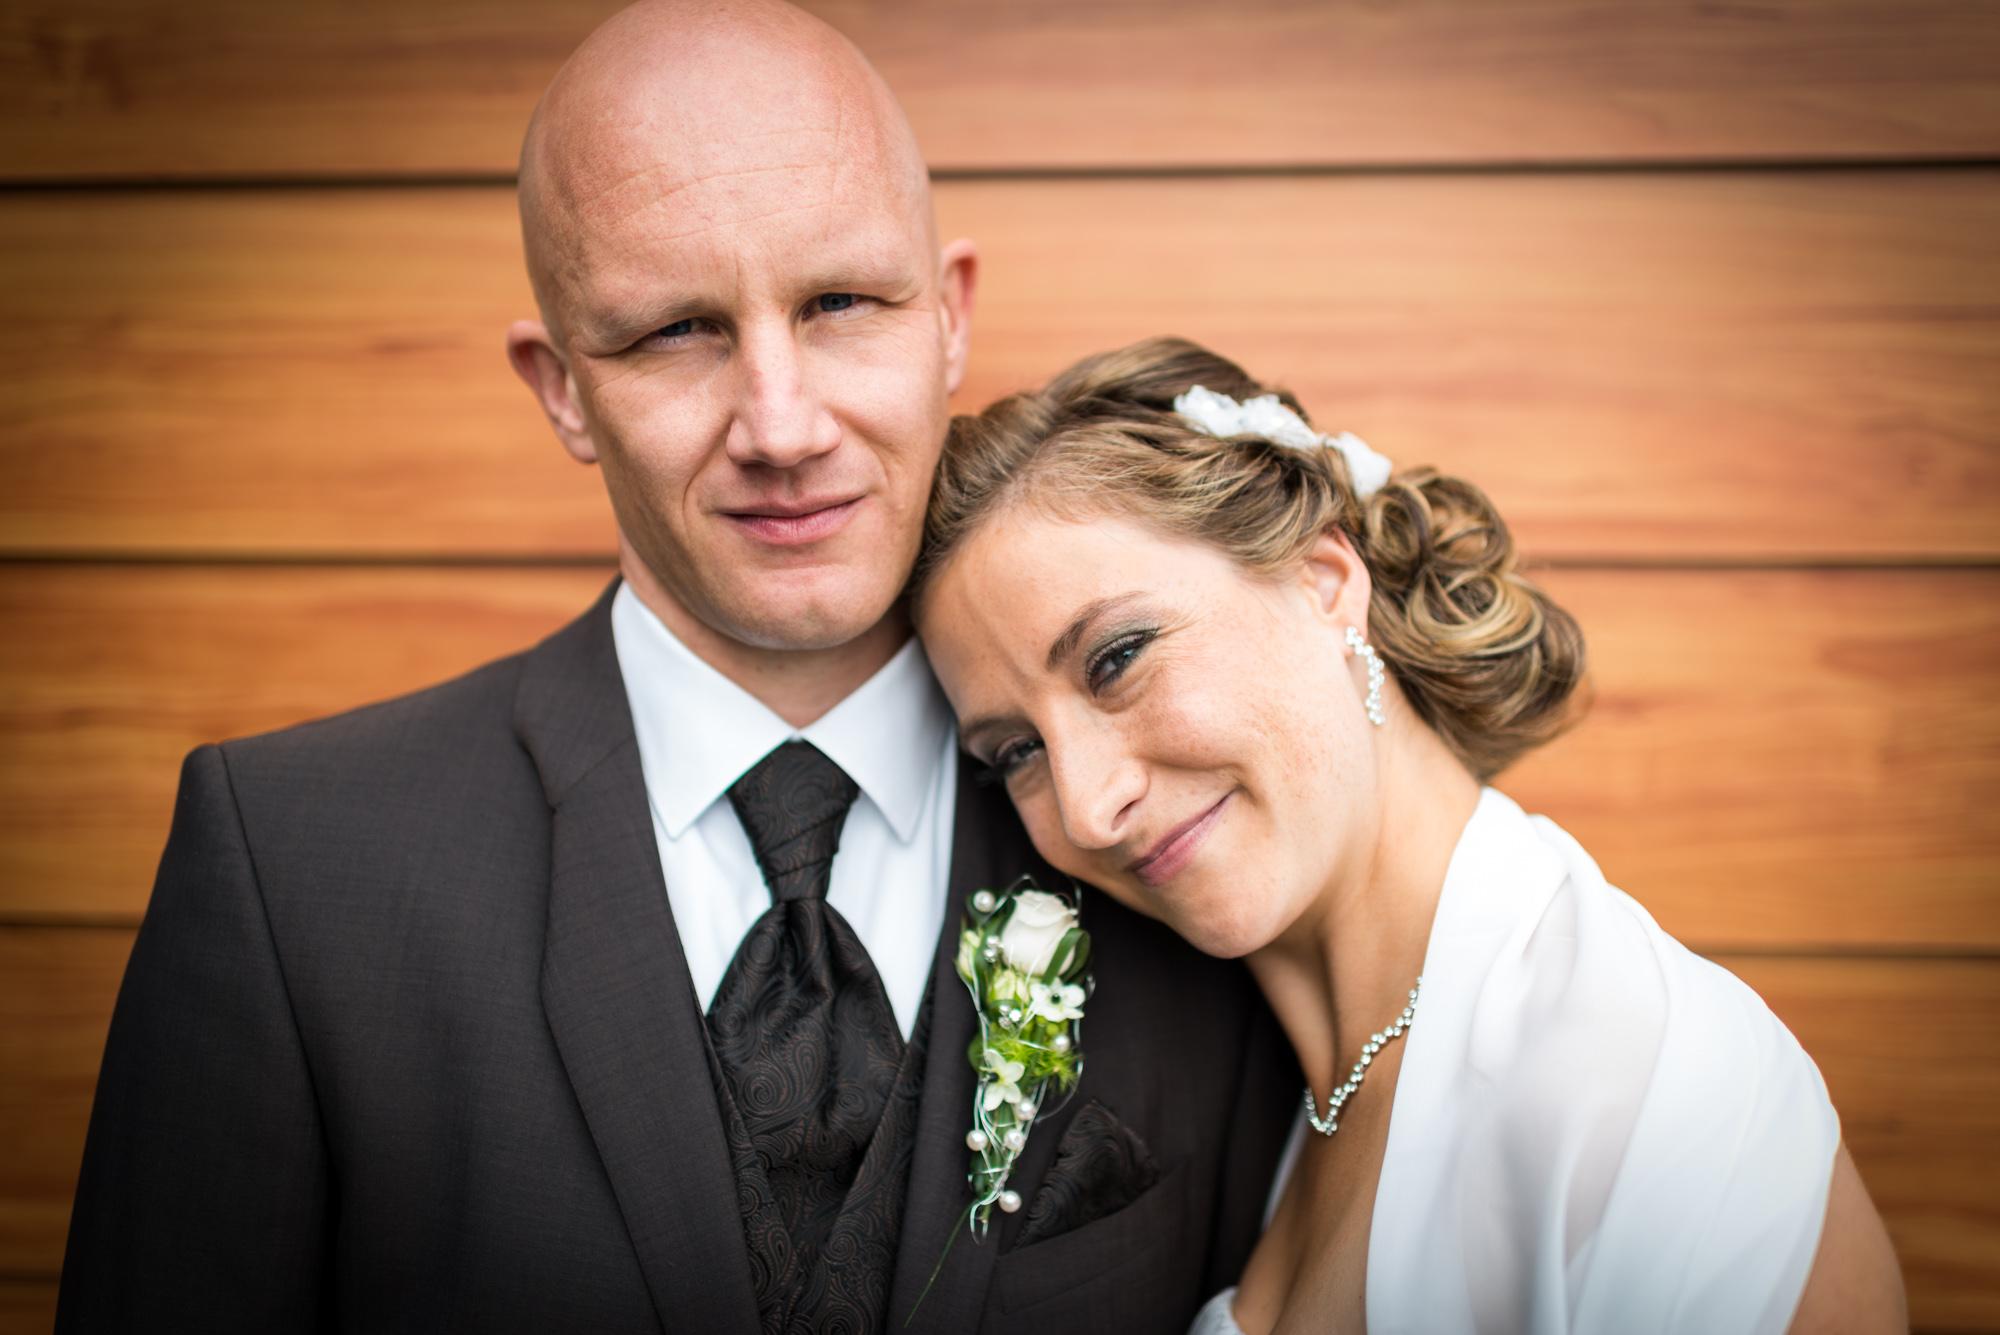 Fotograf Konstanz - Als Hochzeitsfotograf in Bad Dürrheim unterwegs  - 12 -